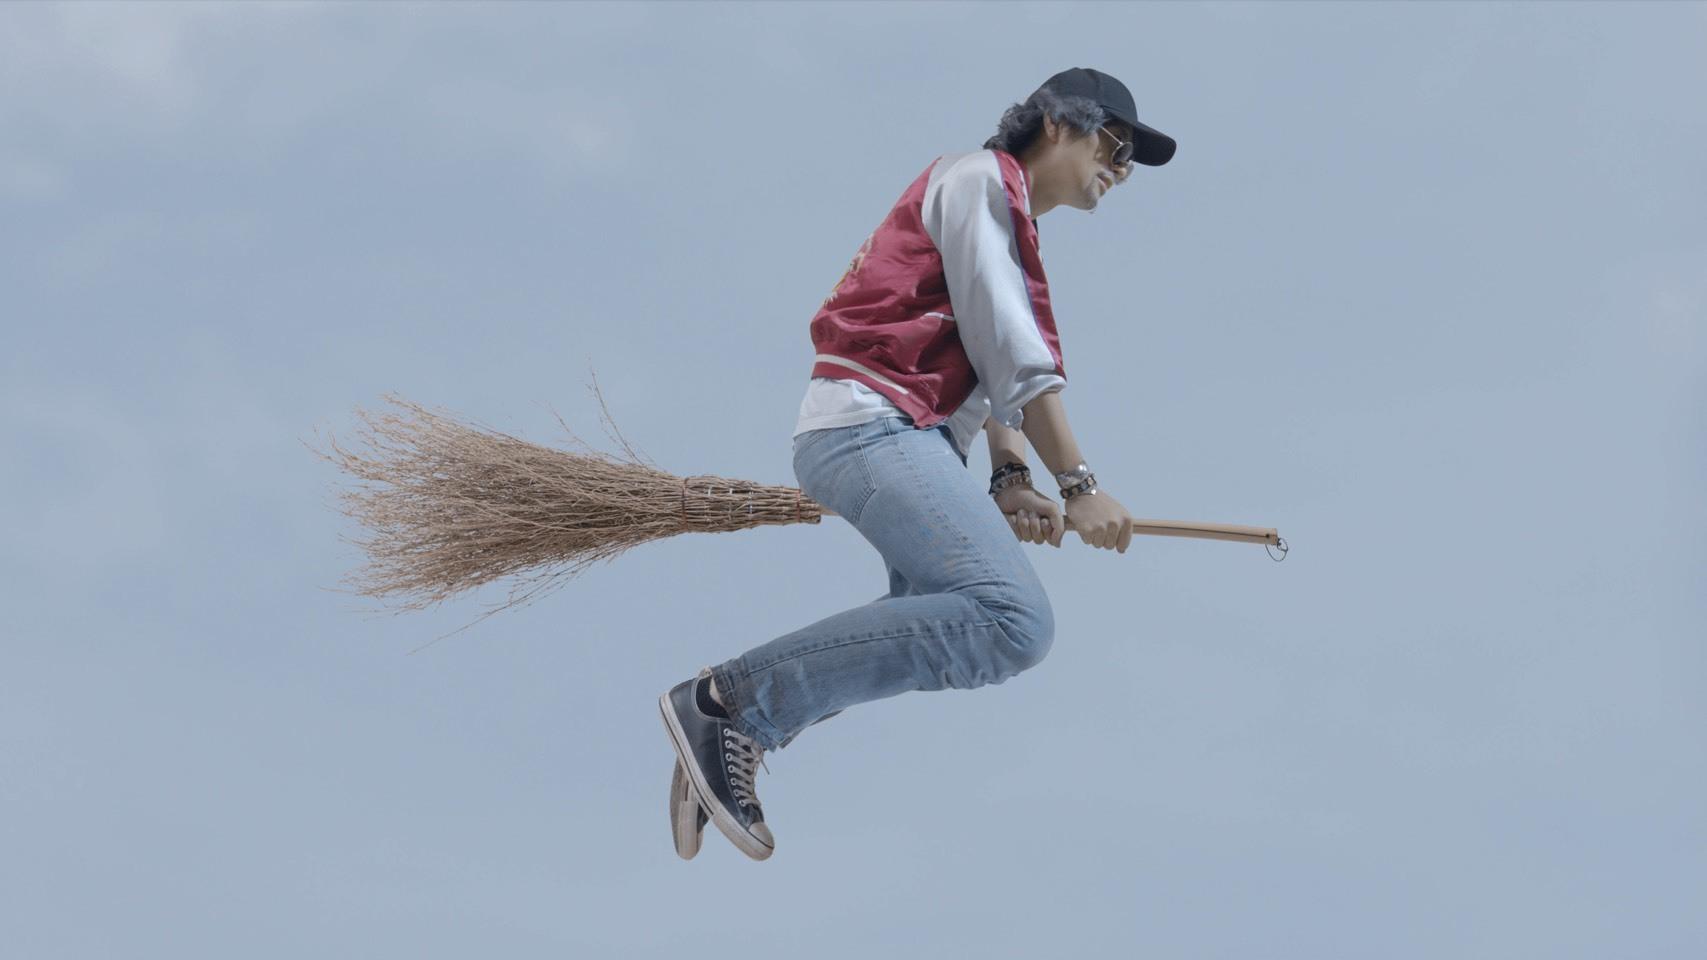 『魔法少年☆ワイルドバージン』場面写真 (C)2019 映画『魔法少年☆ワイルドバージン』